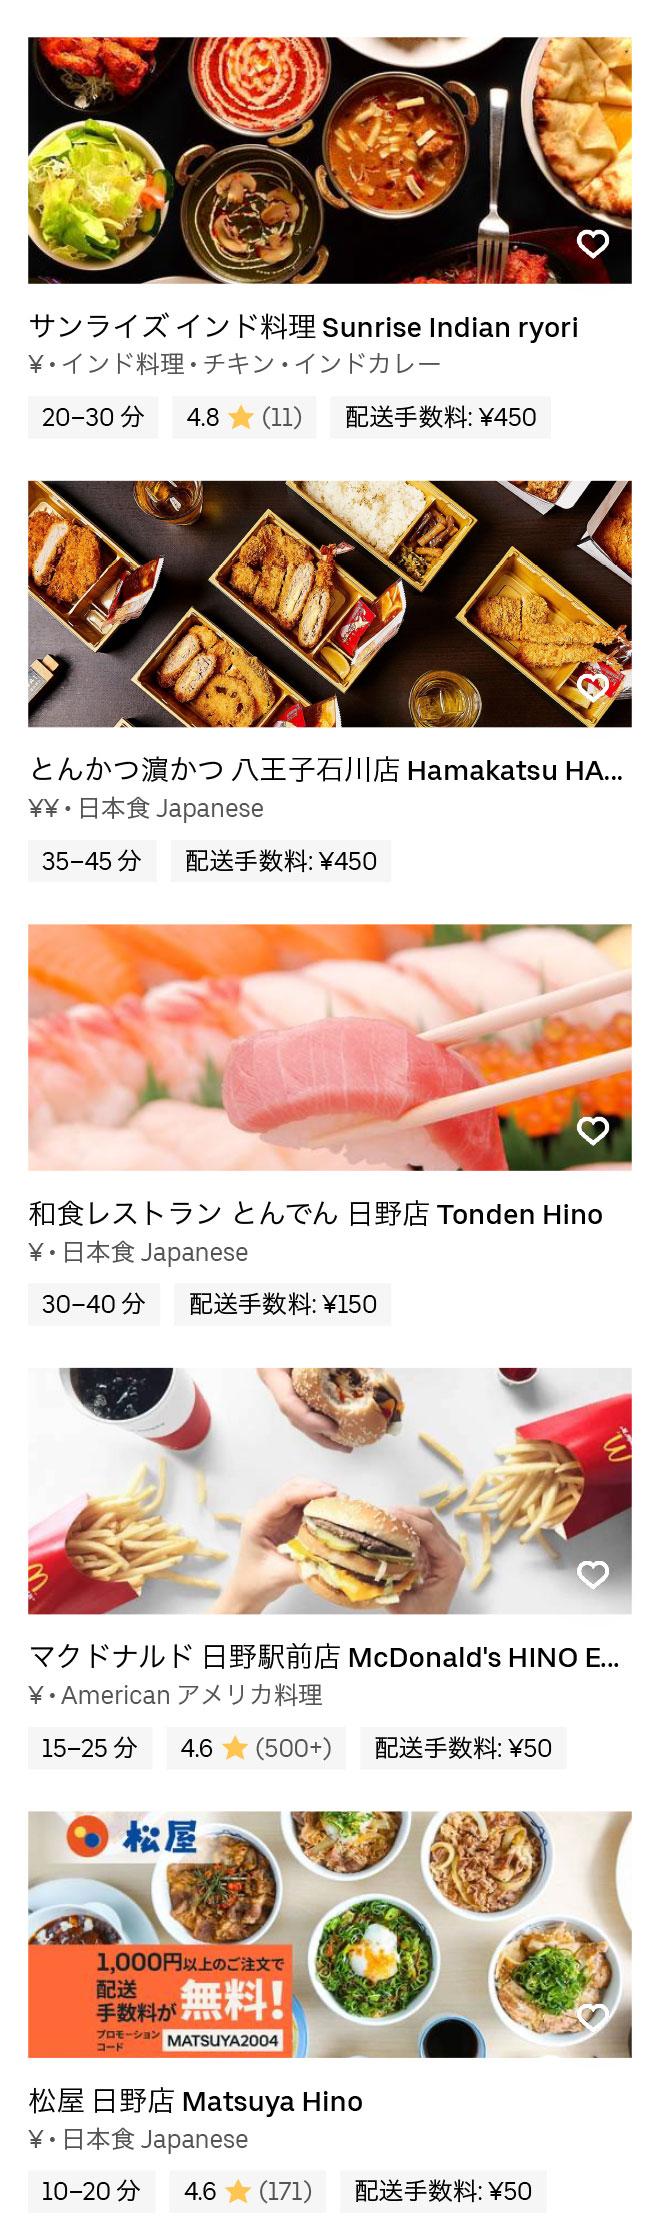 Tokyo hino menu 200406